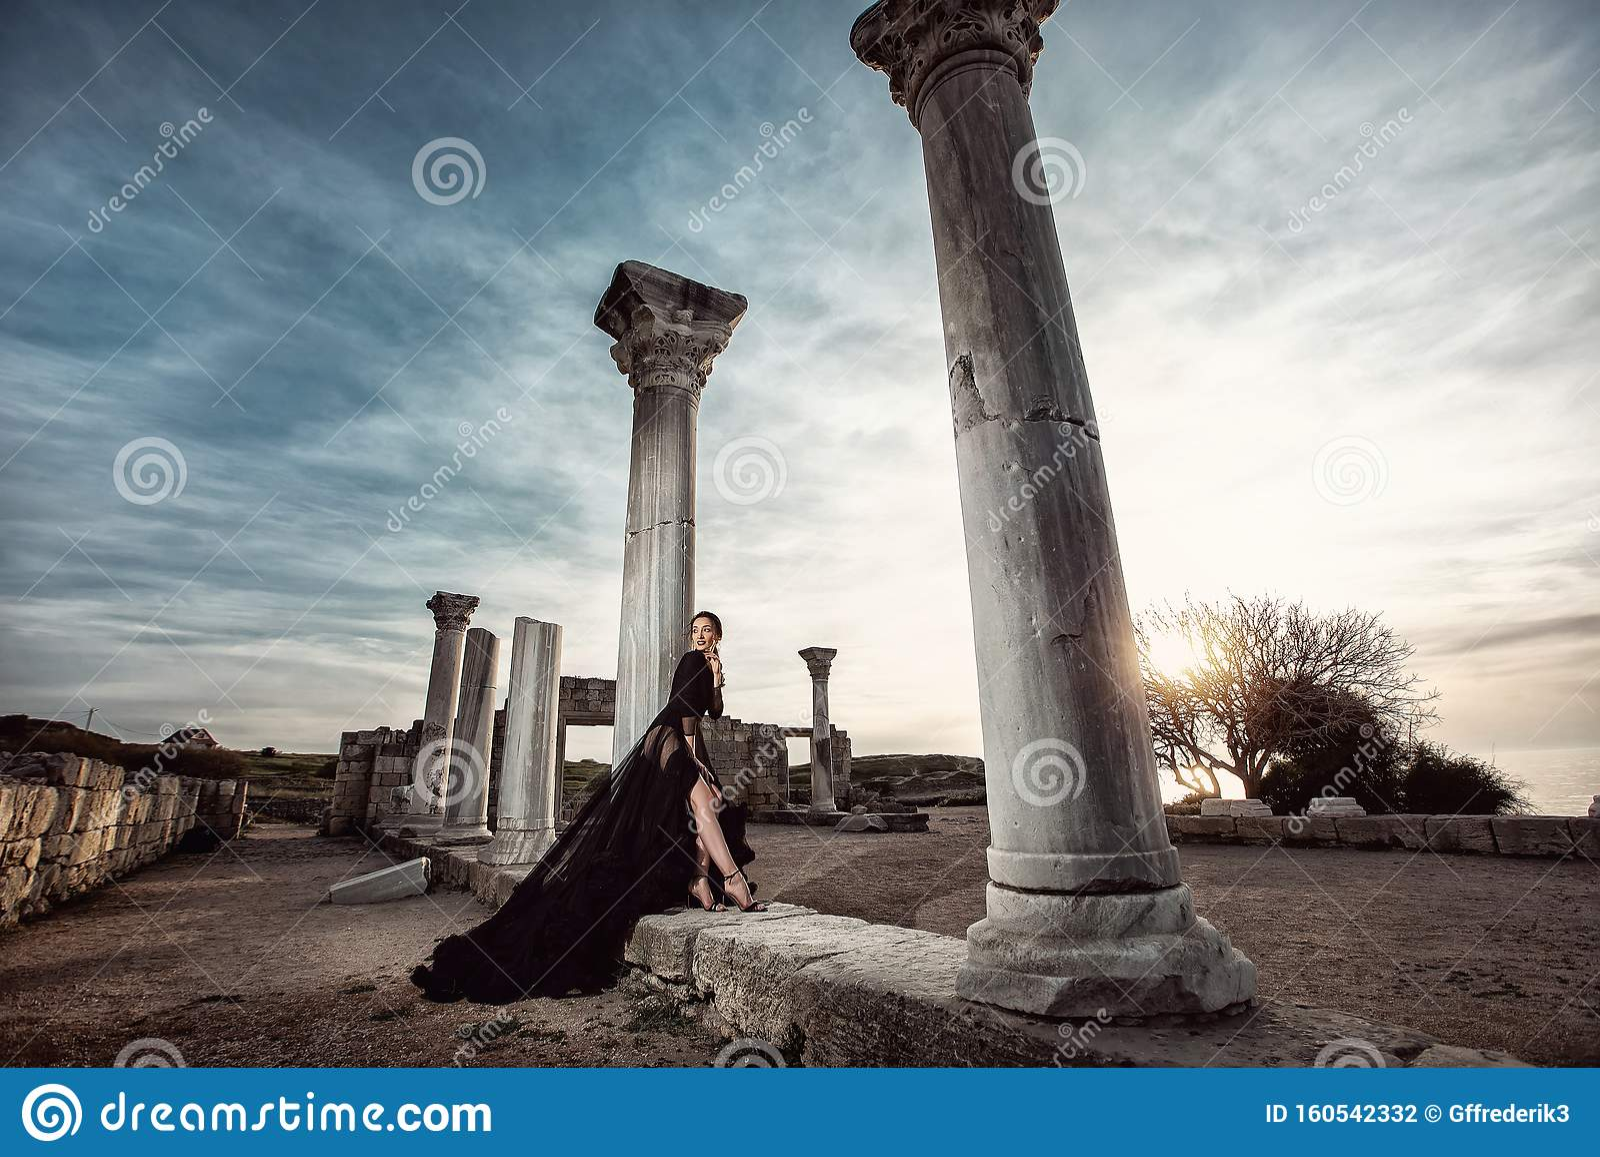 Красивая Маша позирует на фоне руин